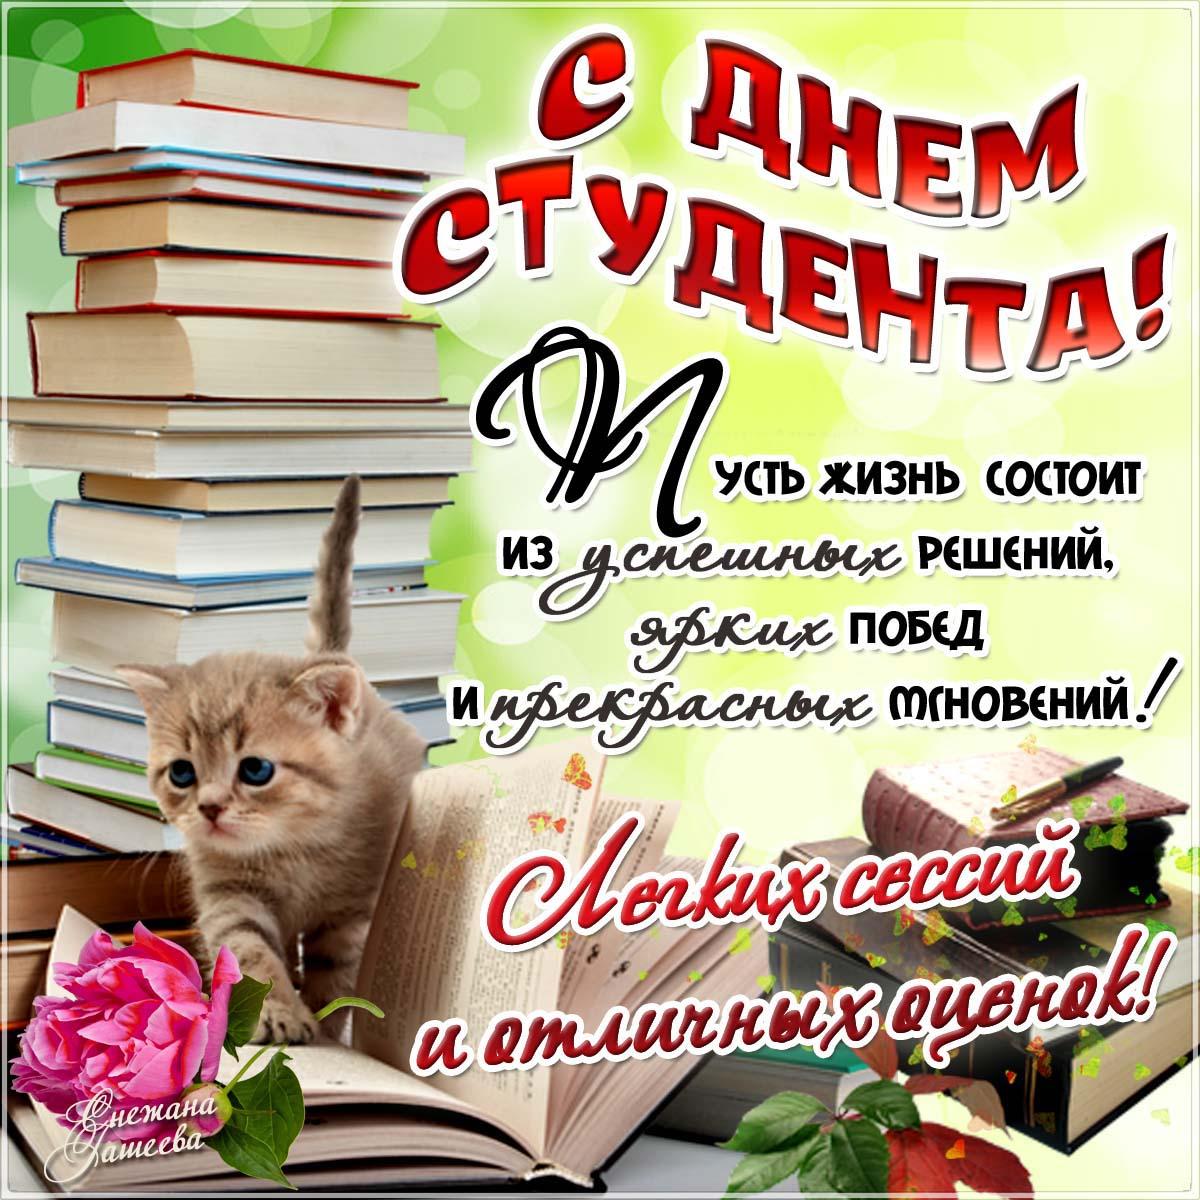 Открытки с поздравлением с днем студента, открытку дочке